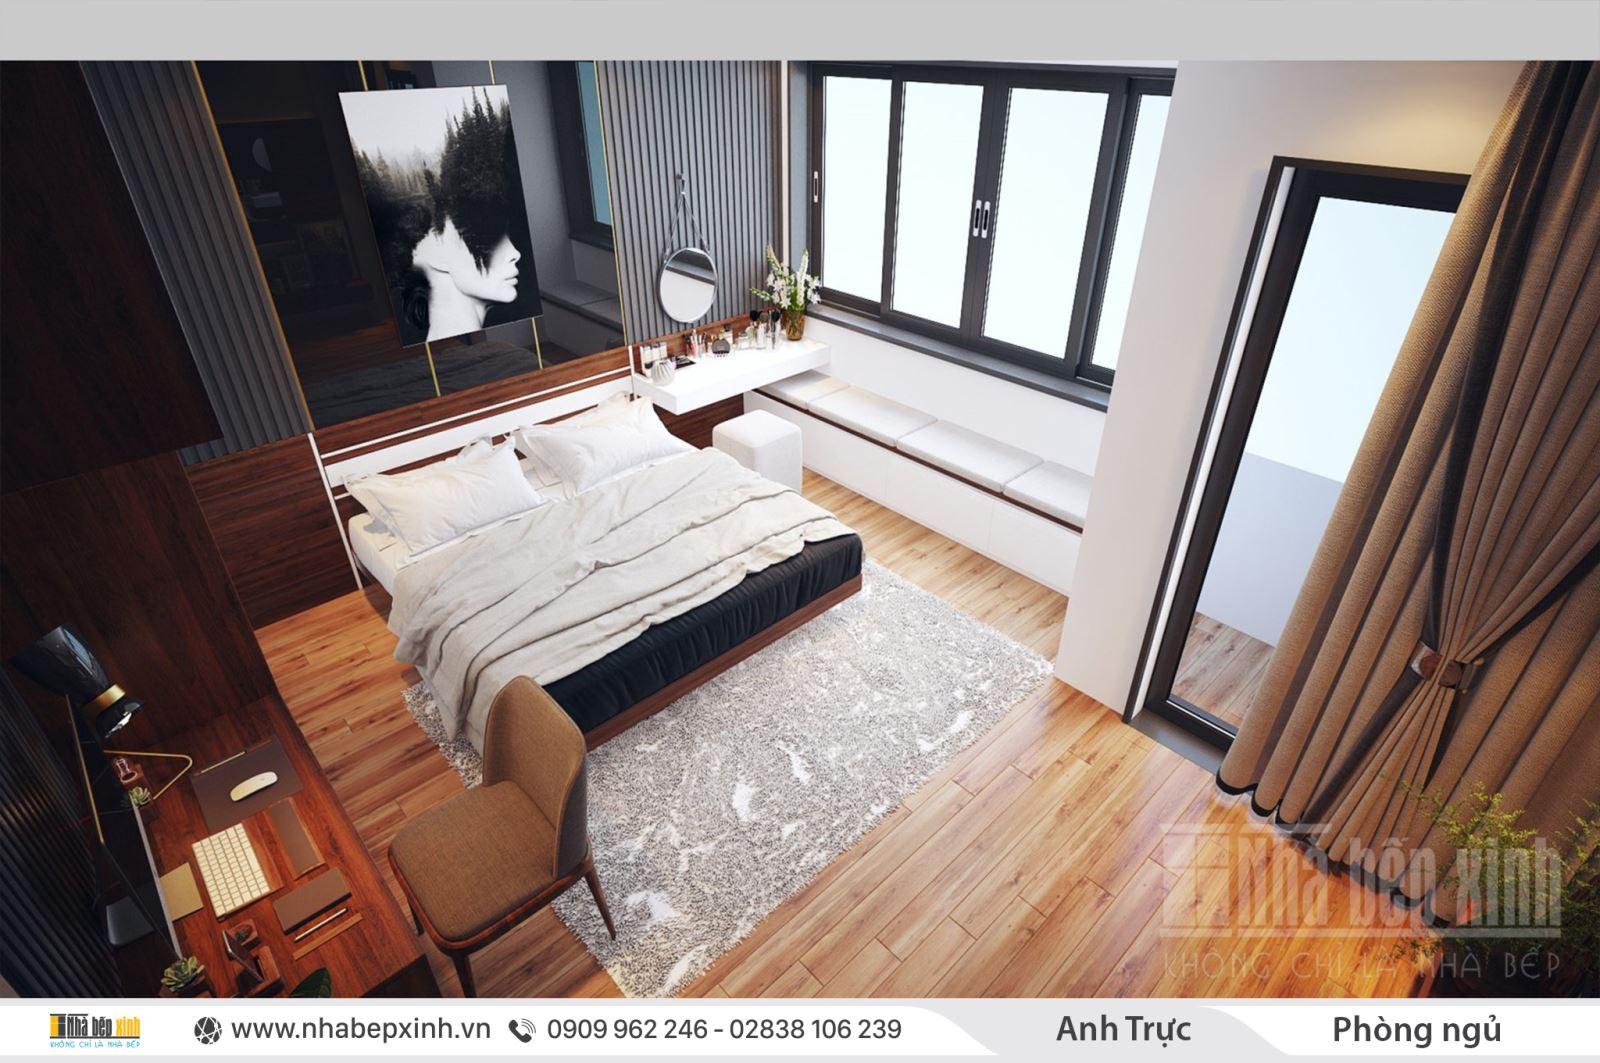 Mẫu phòng ngủ đẹp tiện nghi nhất dành cho nhà phố